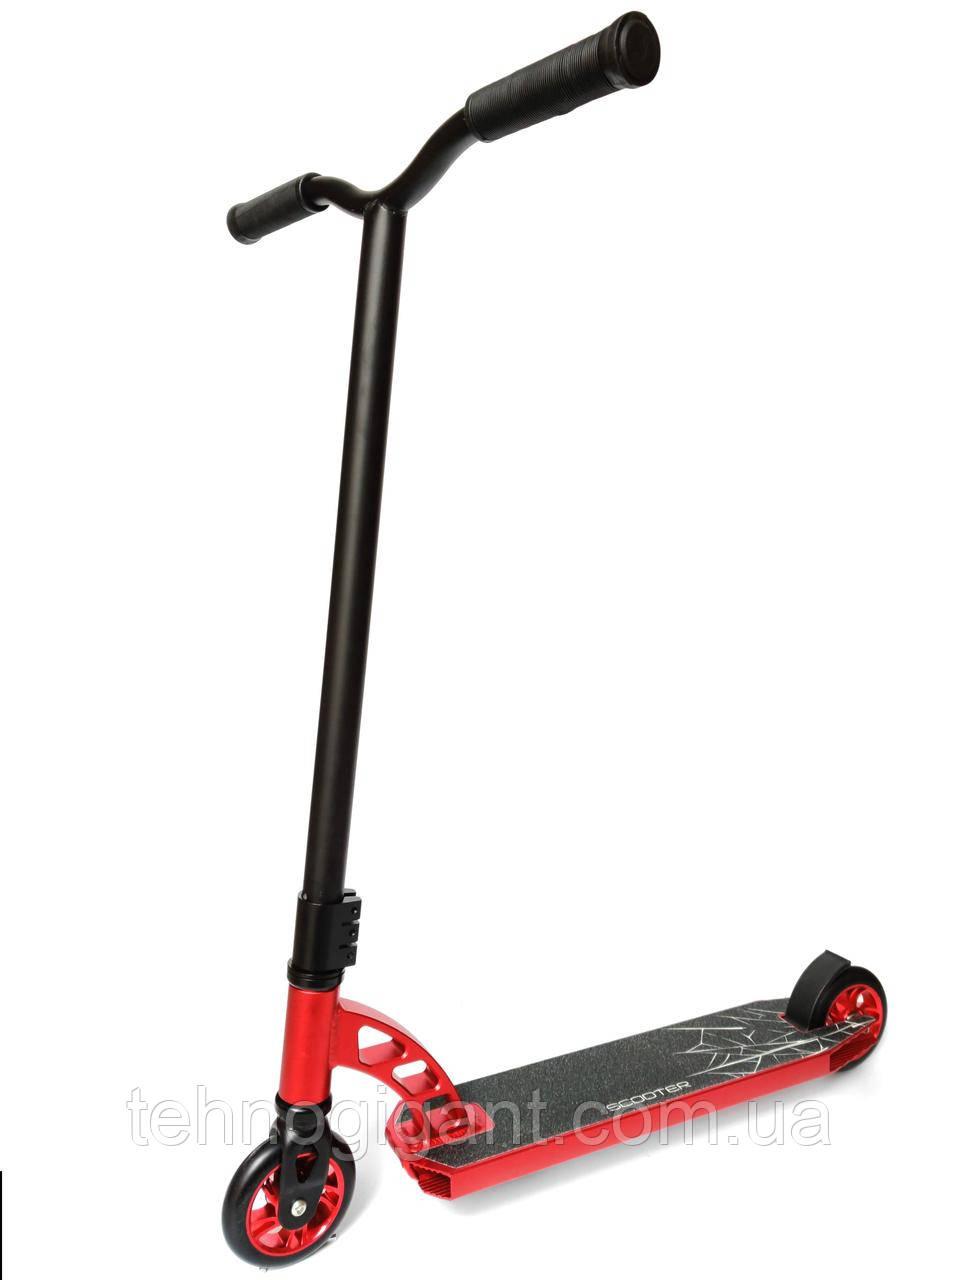 Трюковый Самокат отScooter–Aluminium Highest Profi 005P 110 мм Красный , колеса литые алюминий /полиуретан